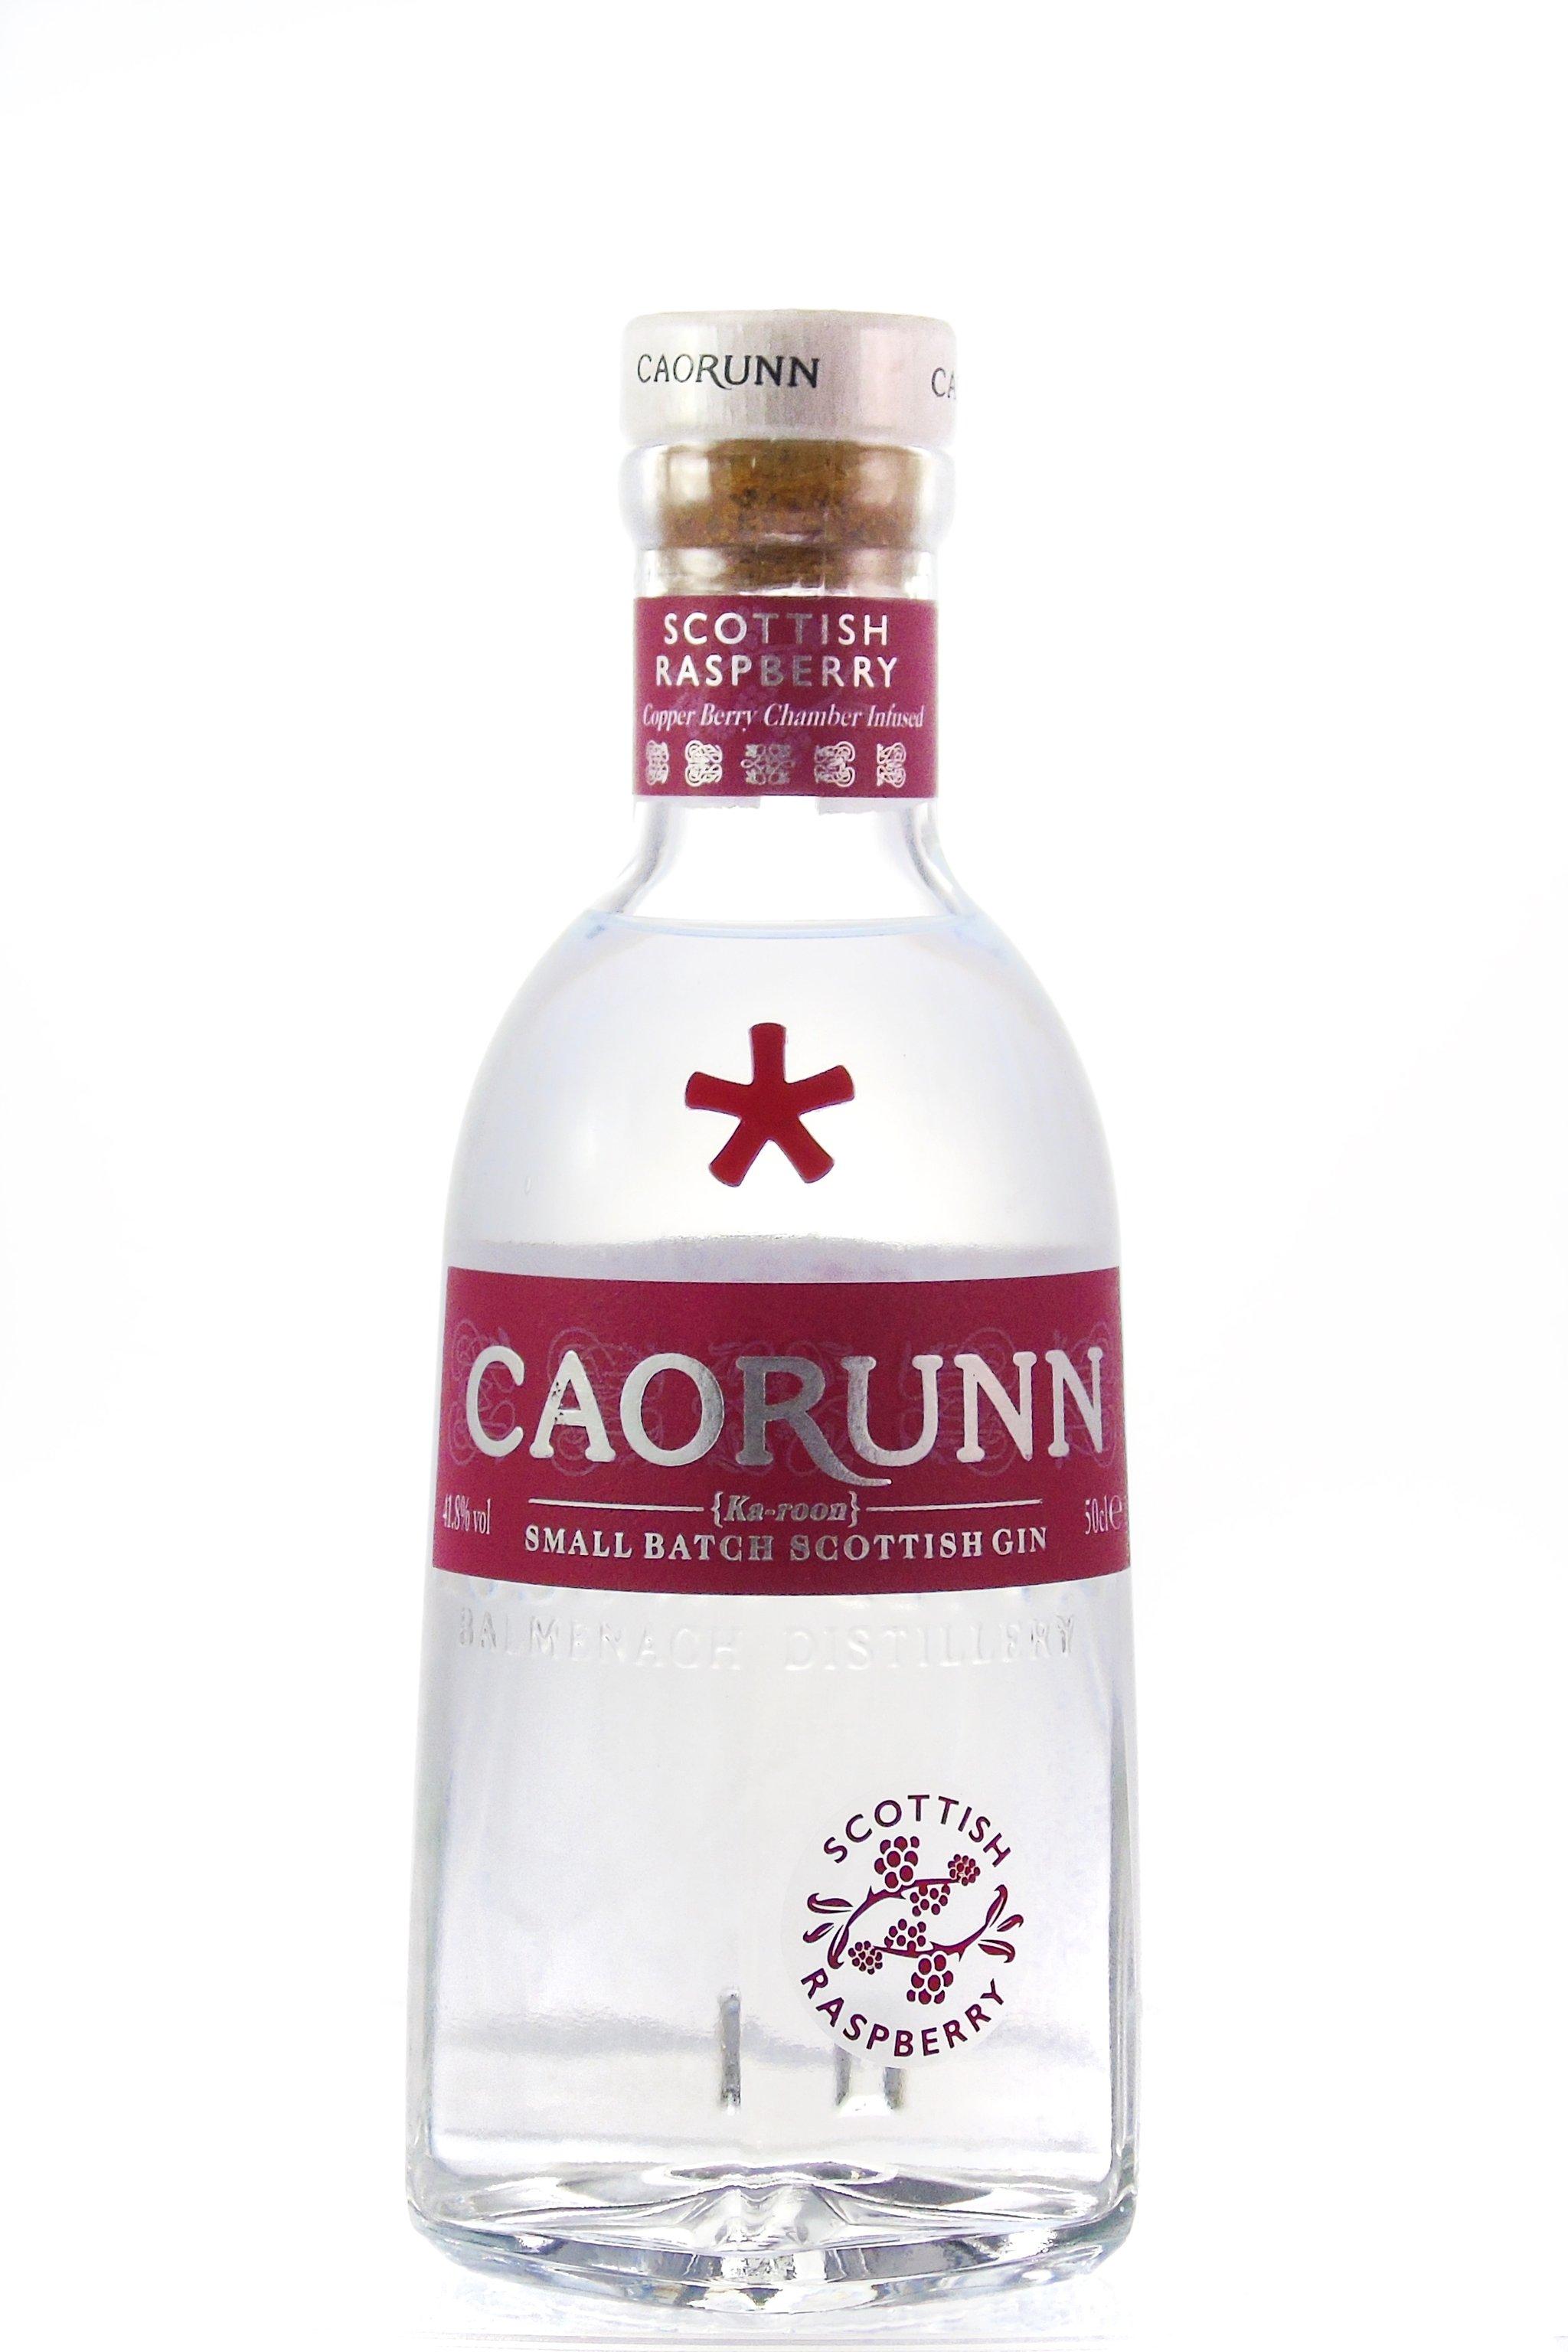 Caorunn Raspberry